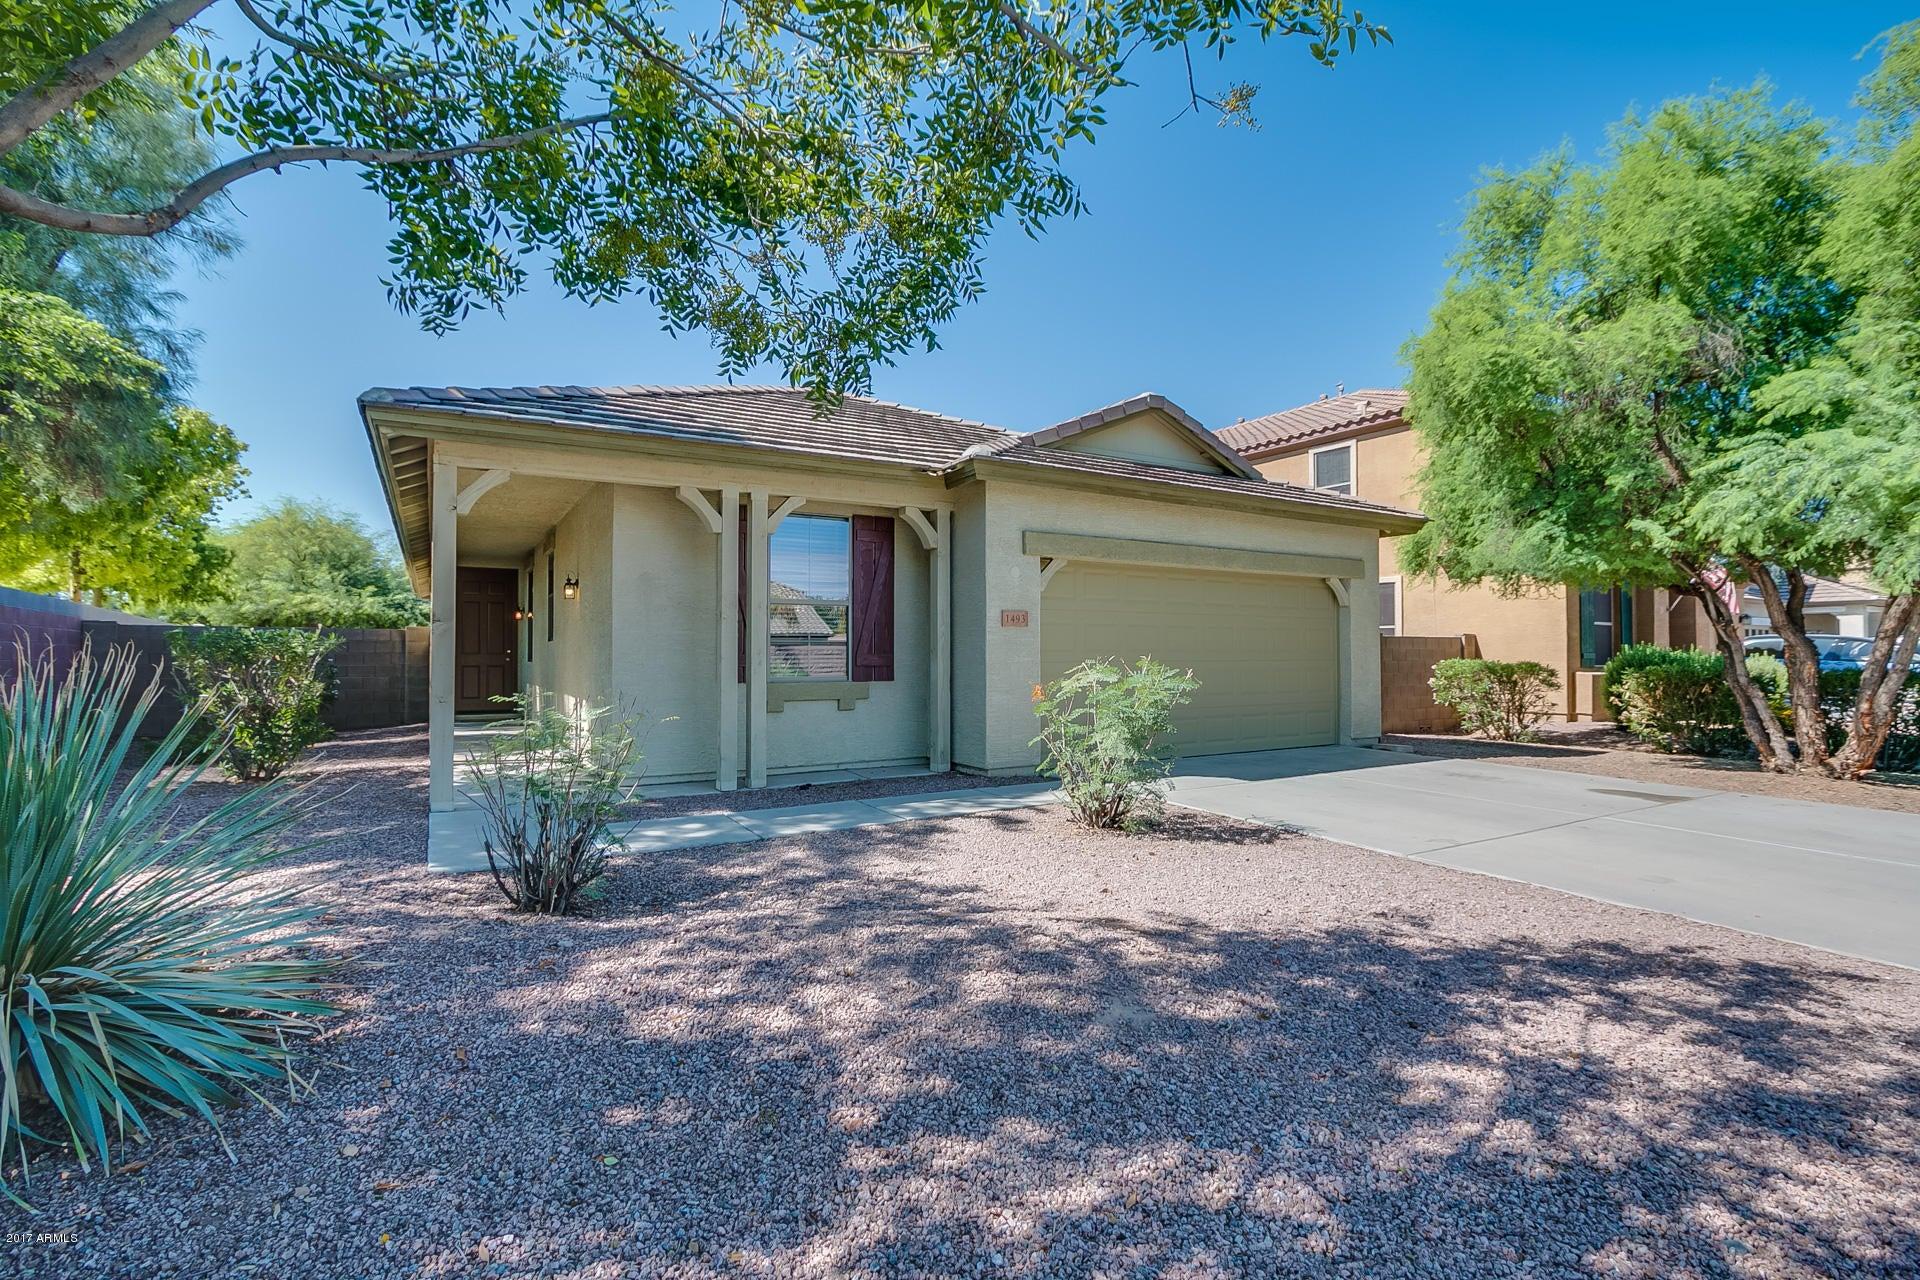 MLS 5645782 1493 E CHESTNUT Lane, Gilbert, AZ 85298 Gilbert AZ Vista Dorada